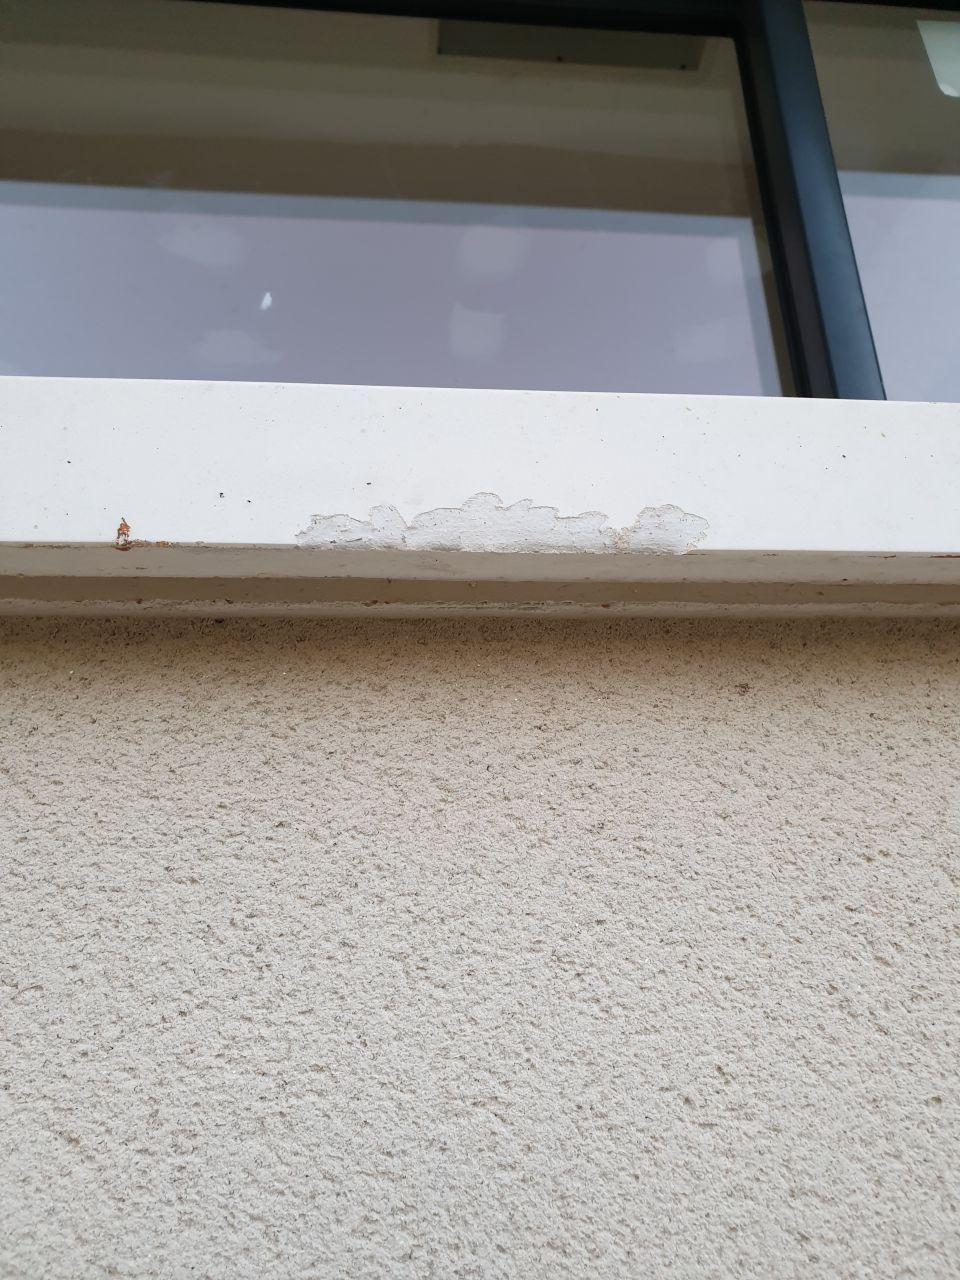 Appui fenêtre en cours de réparation